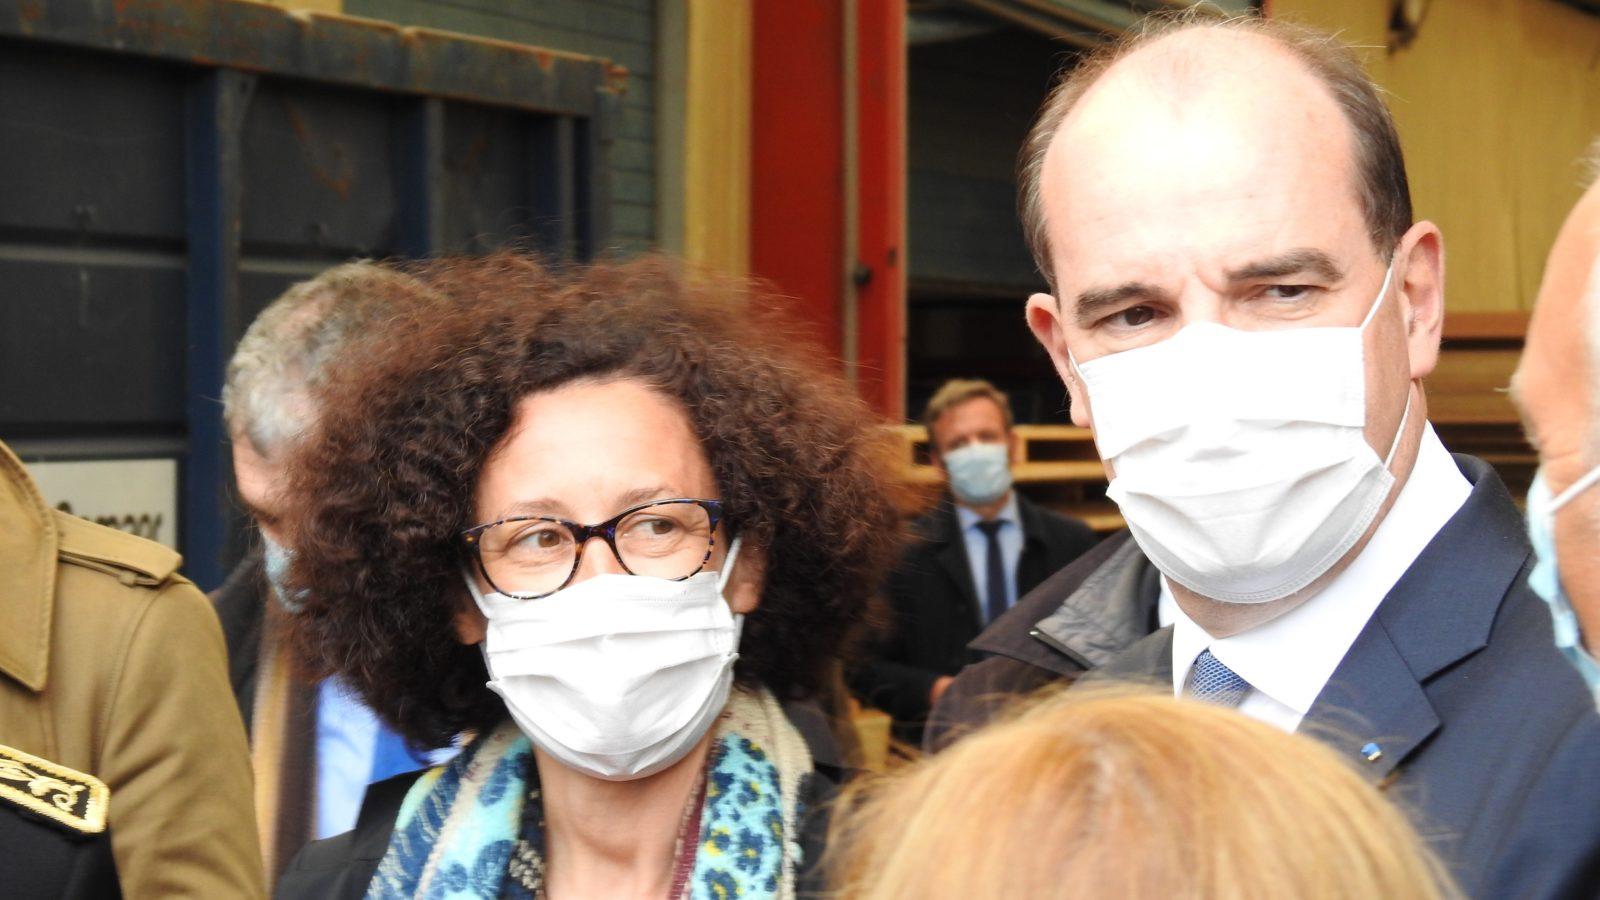 La ministre déléguée au Logement, Emmanuelle WARGON et le Premier Ministre, Jean CASTEX